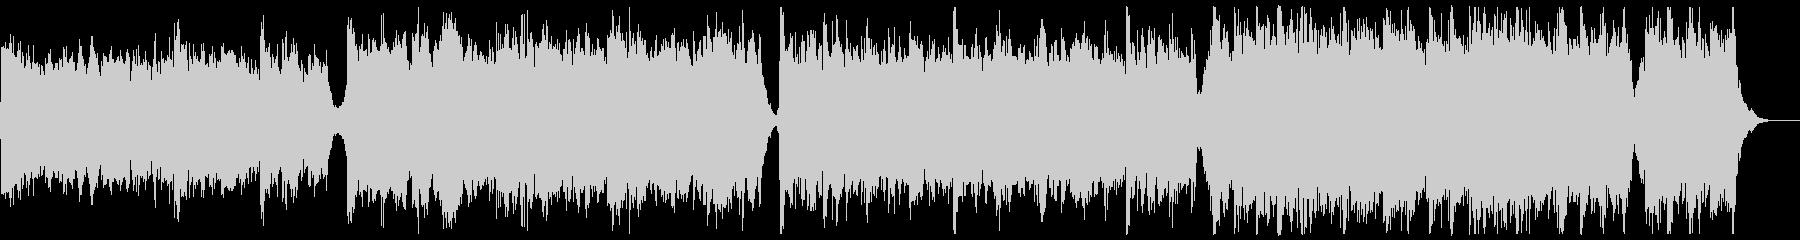 知的なシネマティックピアノの未再生の波形